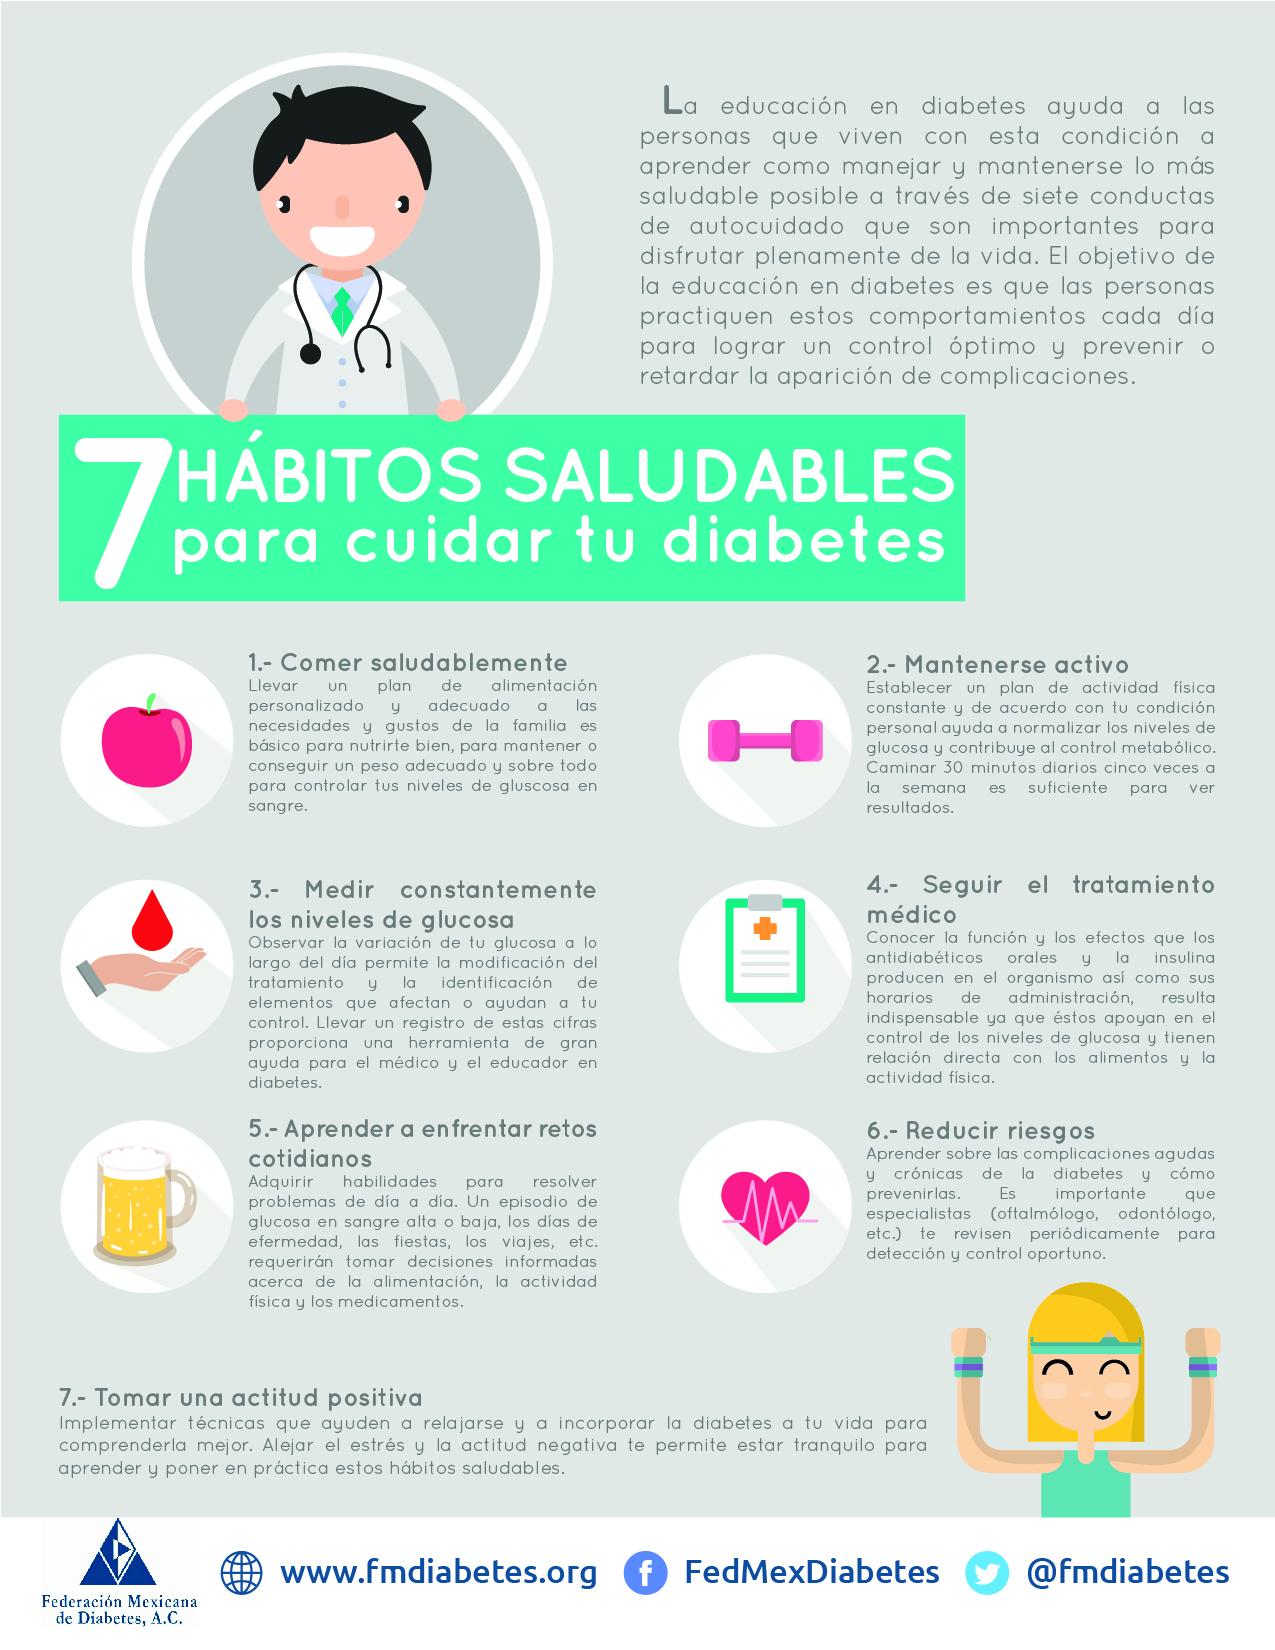 7 hábitos saludables para cuidar tu diabetes - Federación